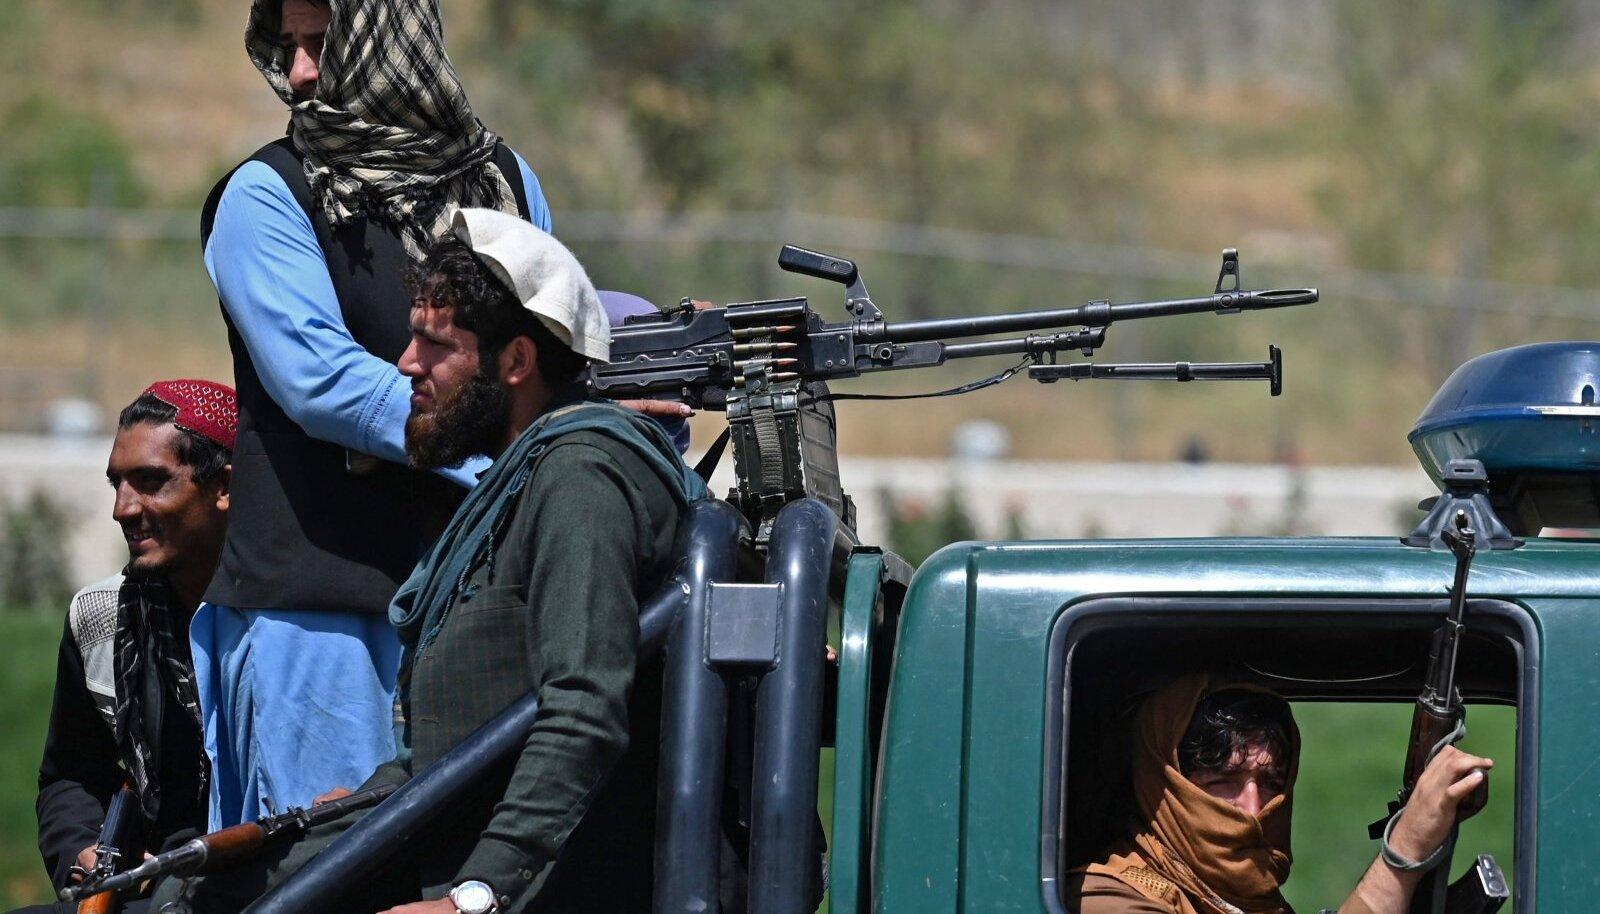 Äärmusühenduse Taliban võitlejate patrull eile pealinnas Kabulis